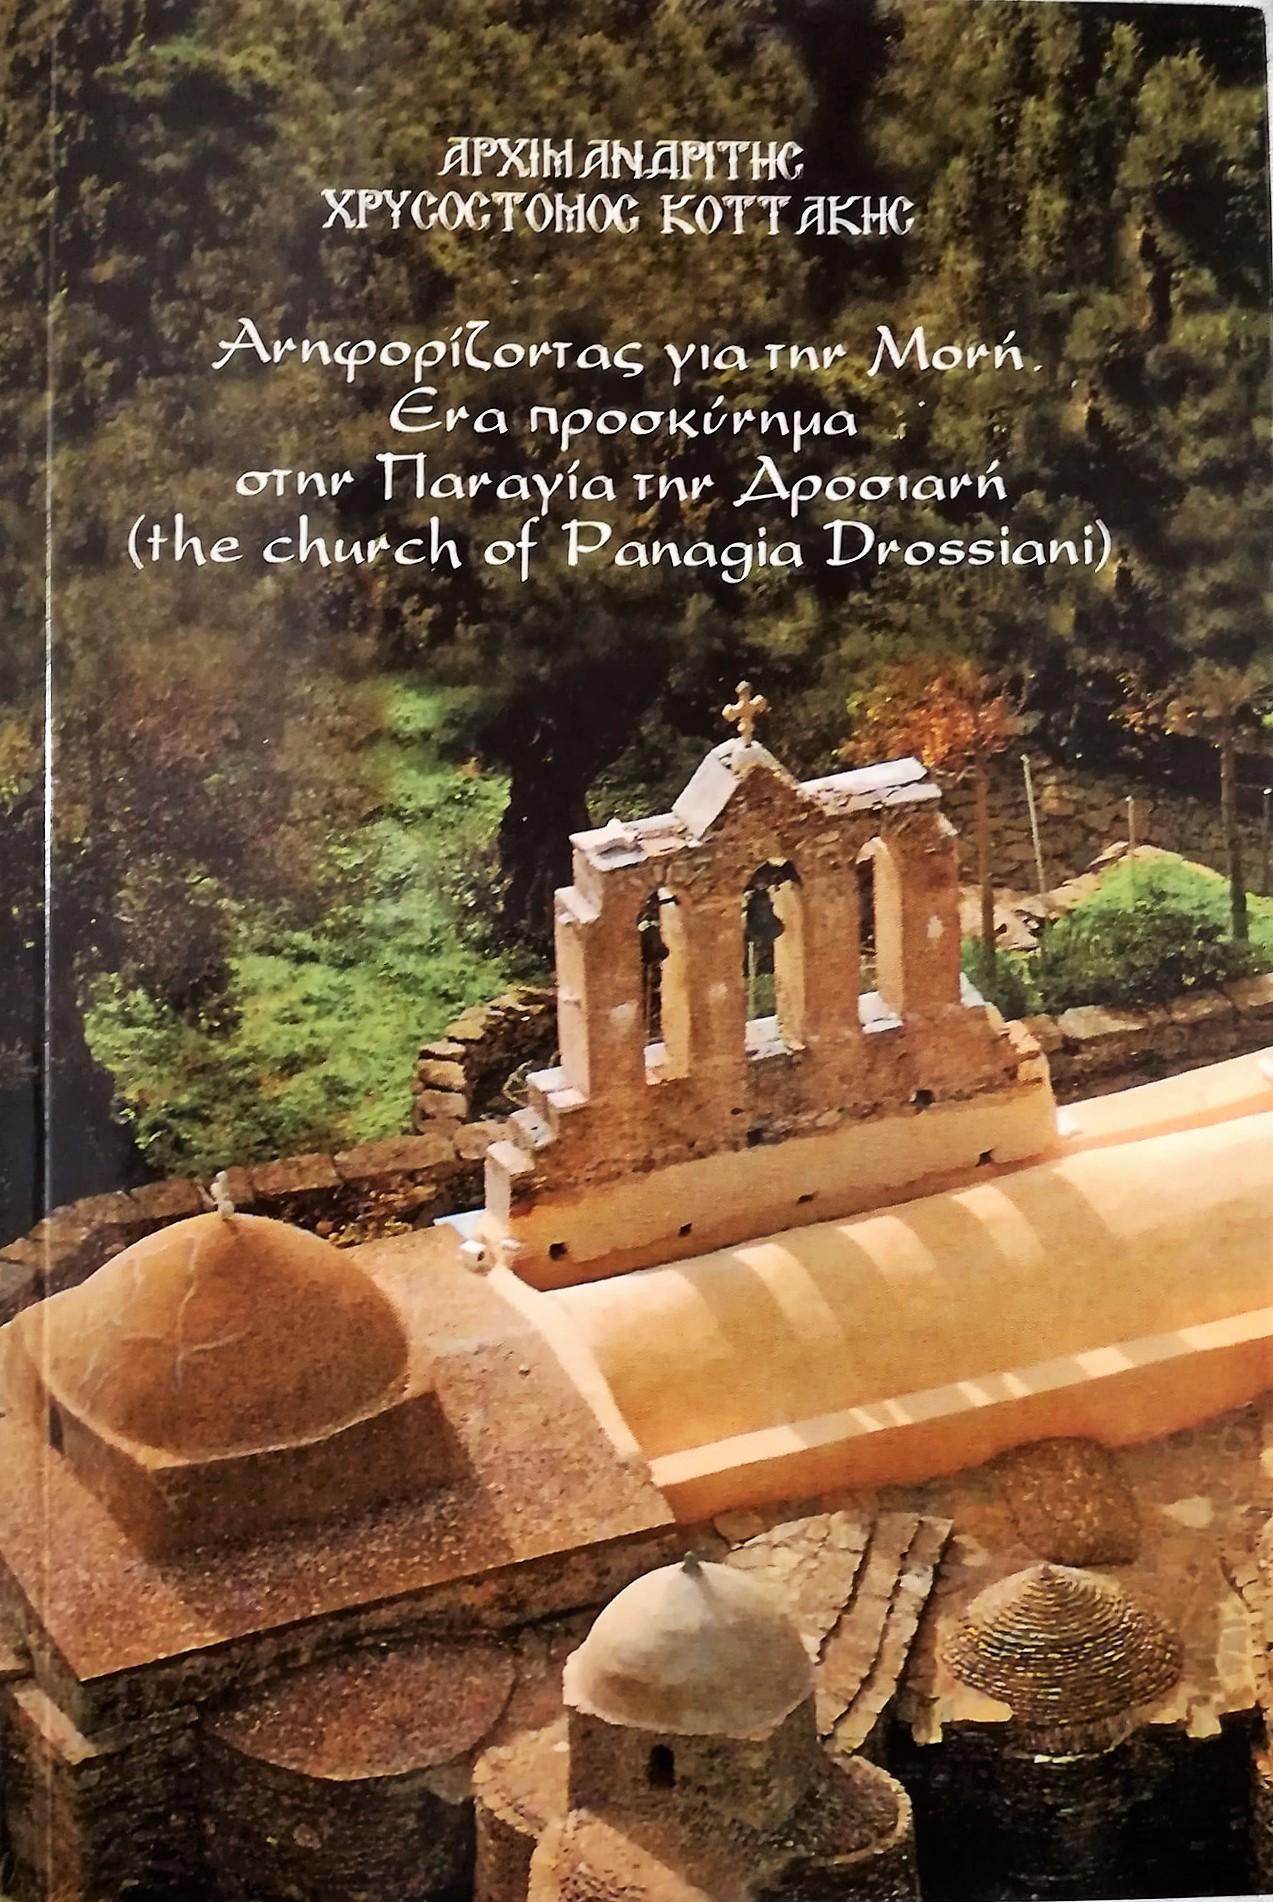 Ανηφορίζοντας για την Μόνη ένα προσκύνημα στην Παναγία την Δροσιάνη